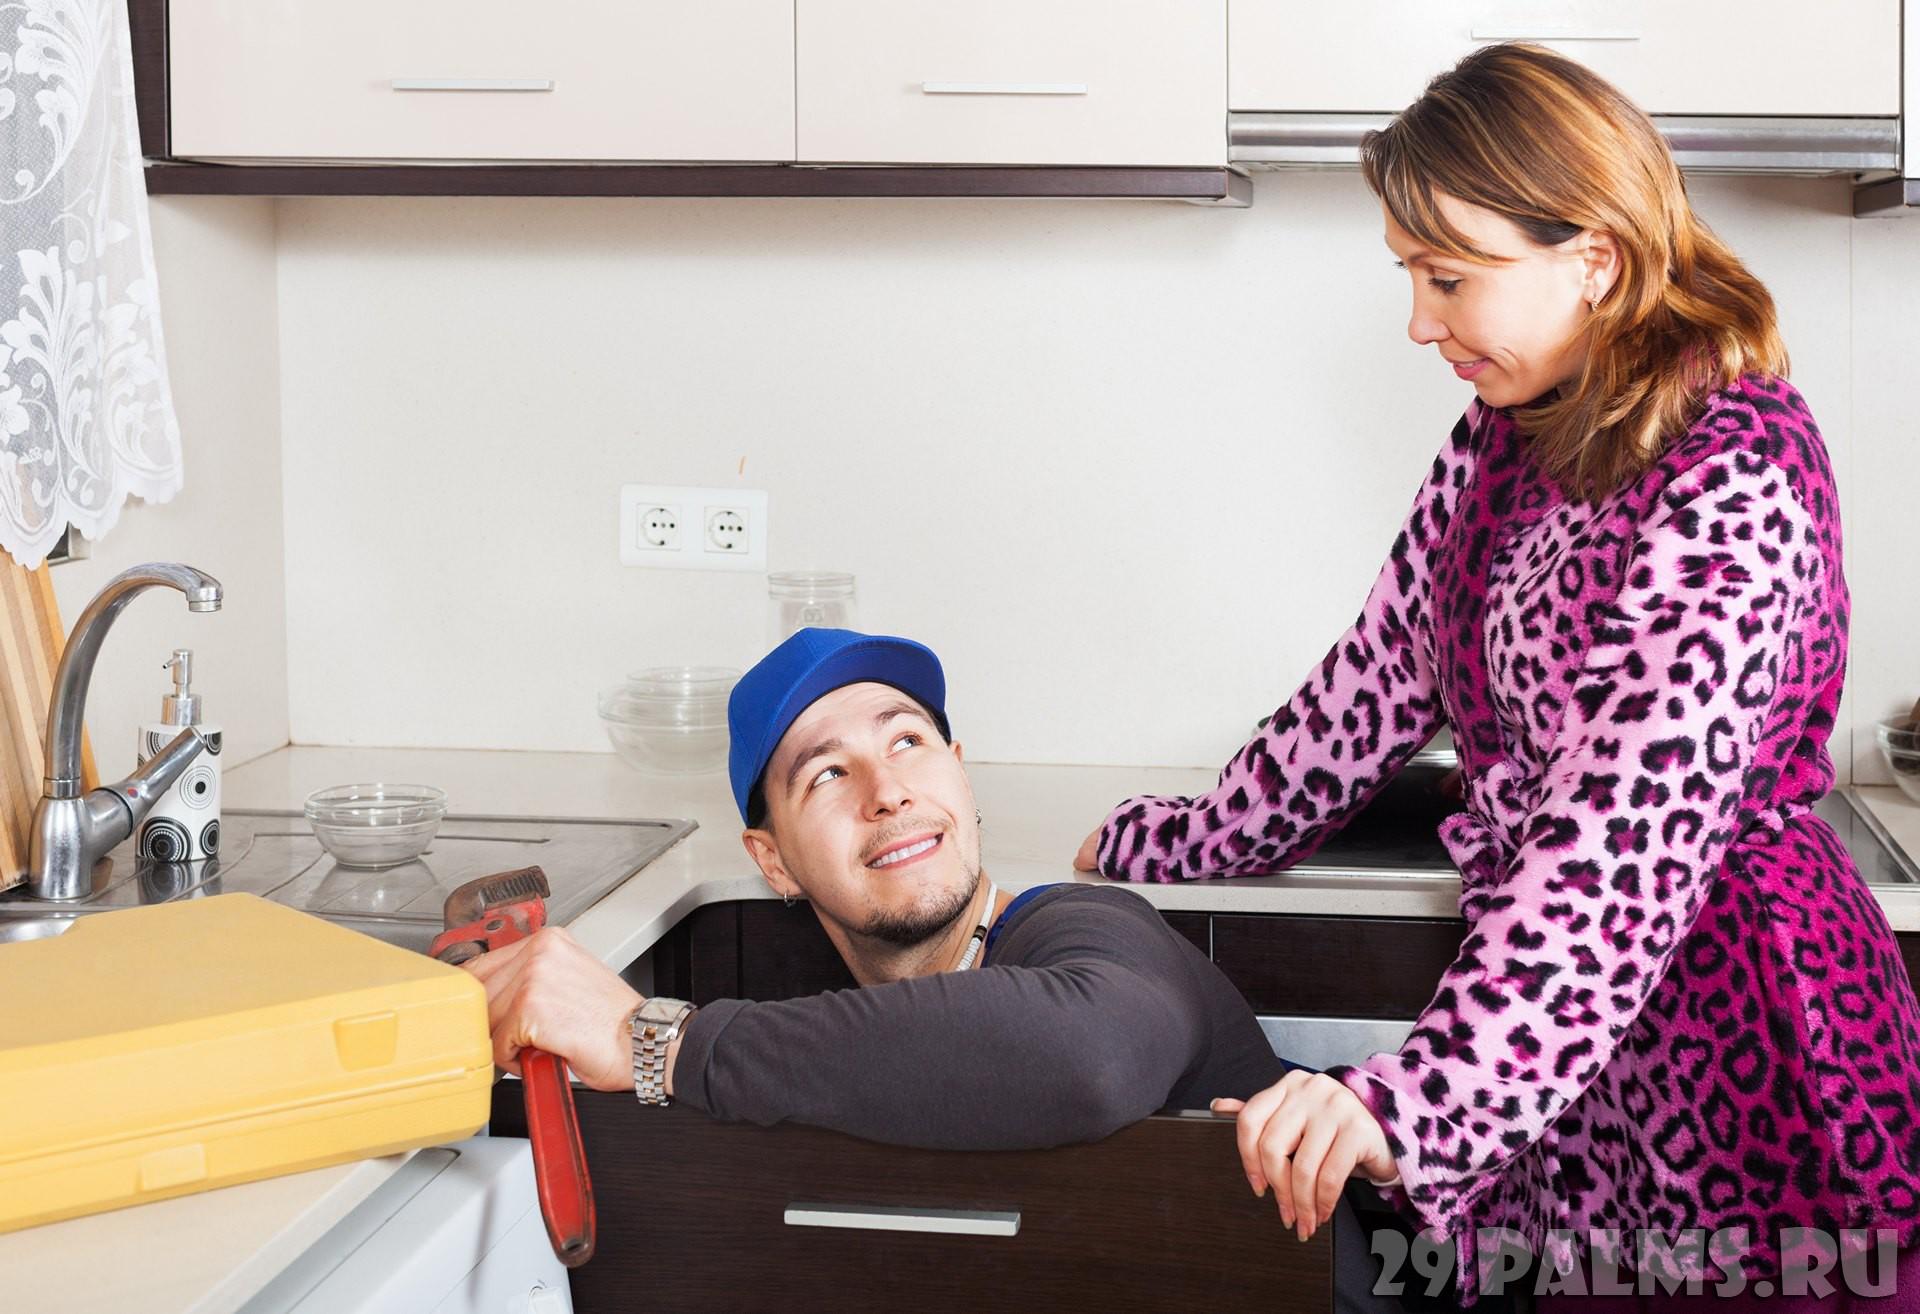 Сын подрочил на свою спящую мать, а потом она помогла ему ...